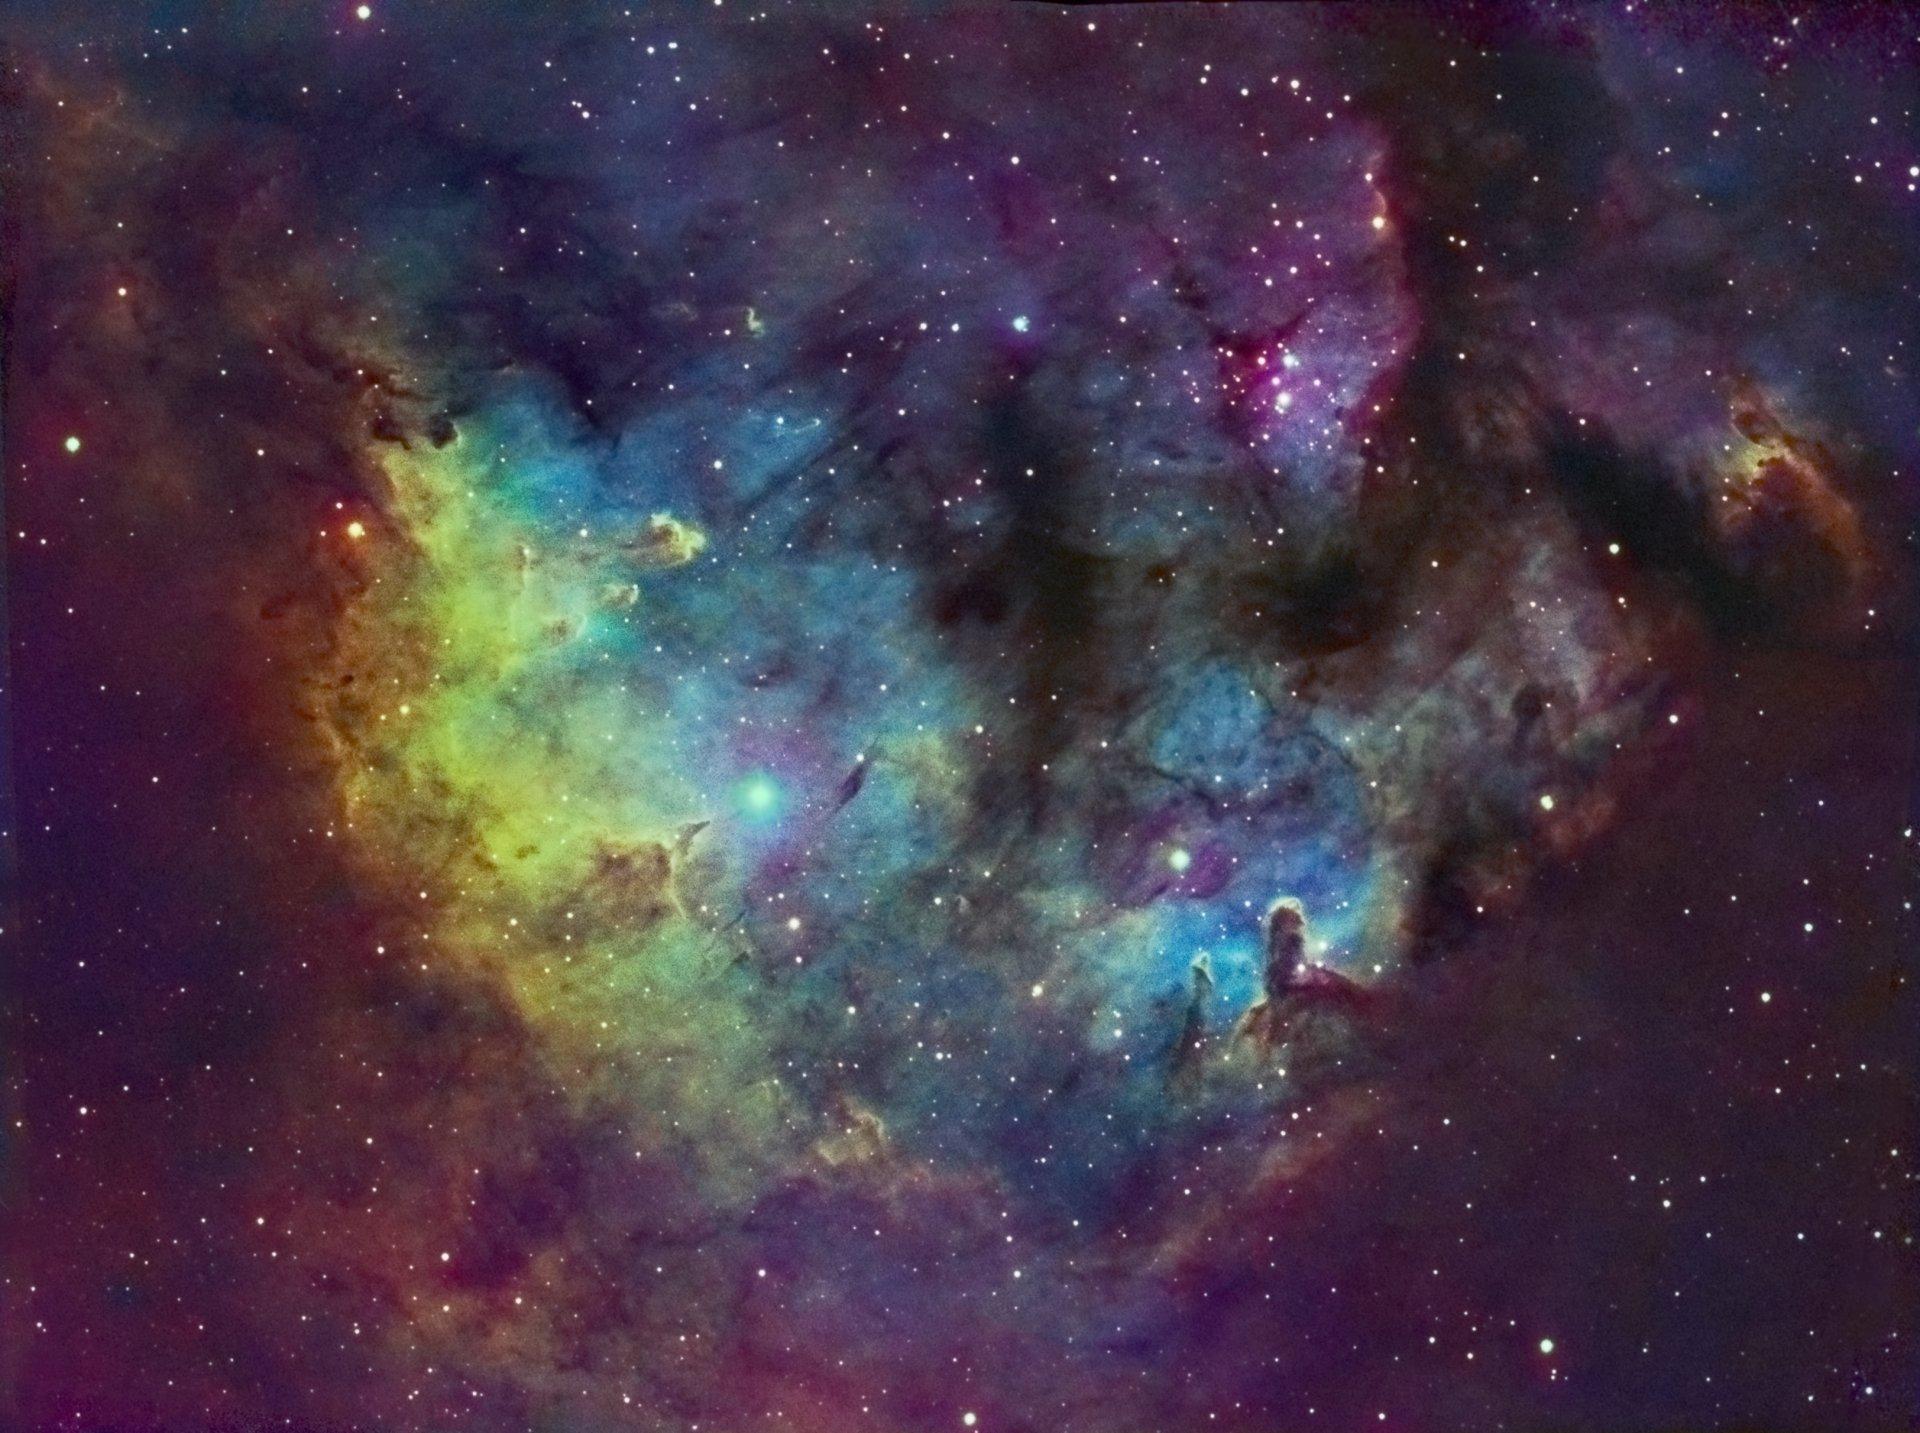 это происходит фото космоса на аву очерки разные годы